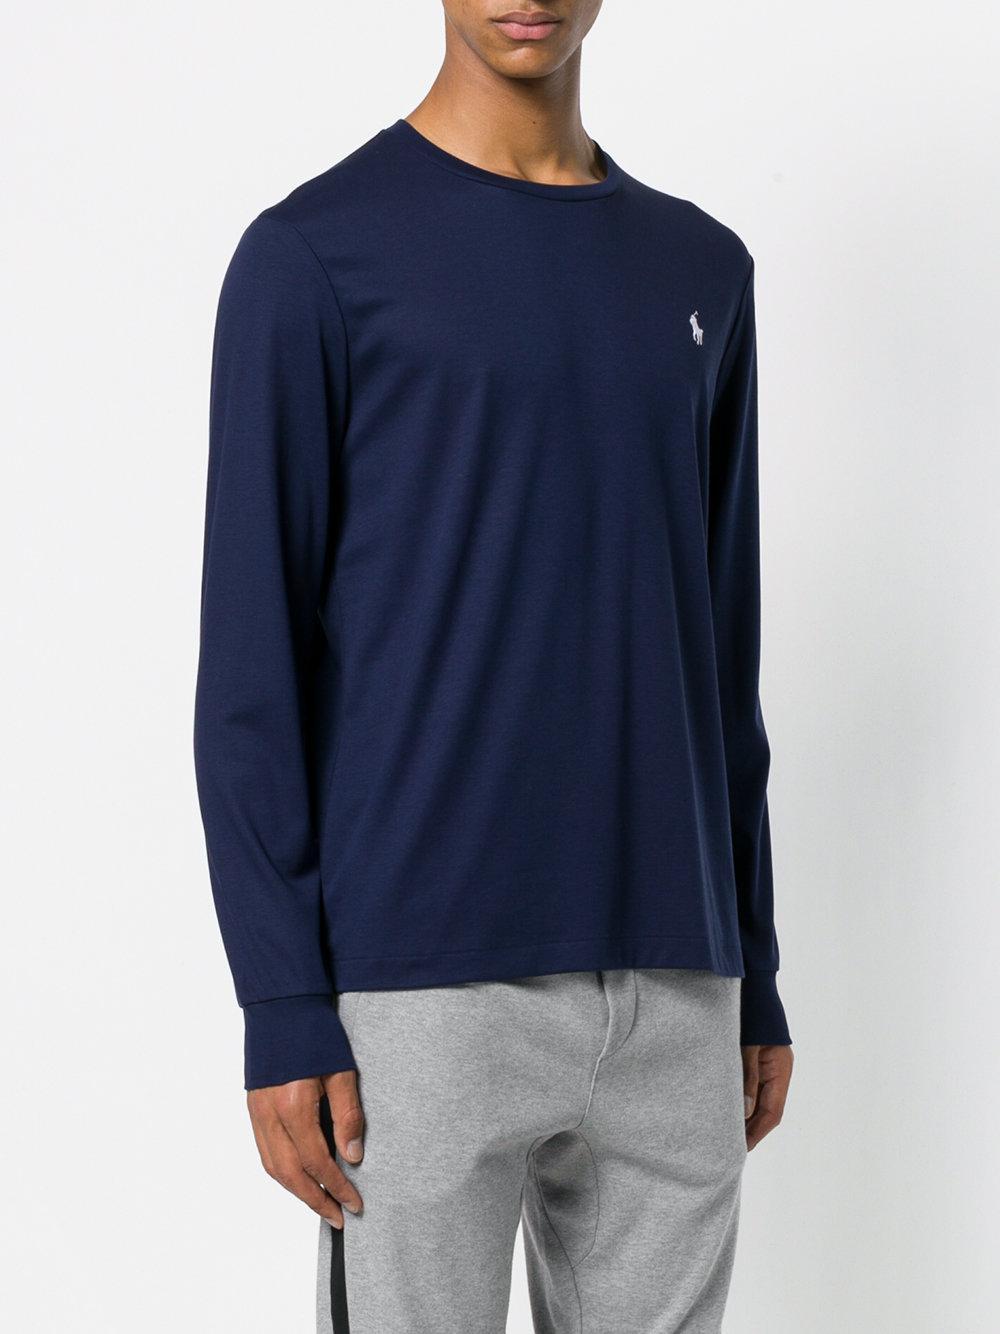 Lyst - Camiseta con logo bordado Polo Ralph Lauren de hombre de ... d01f2264590